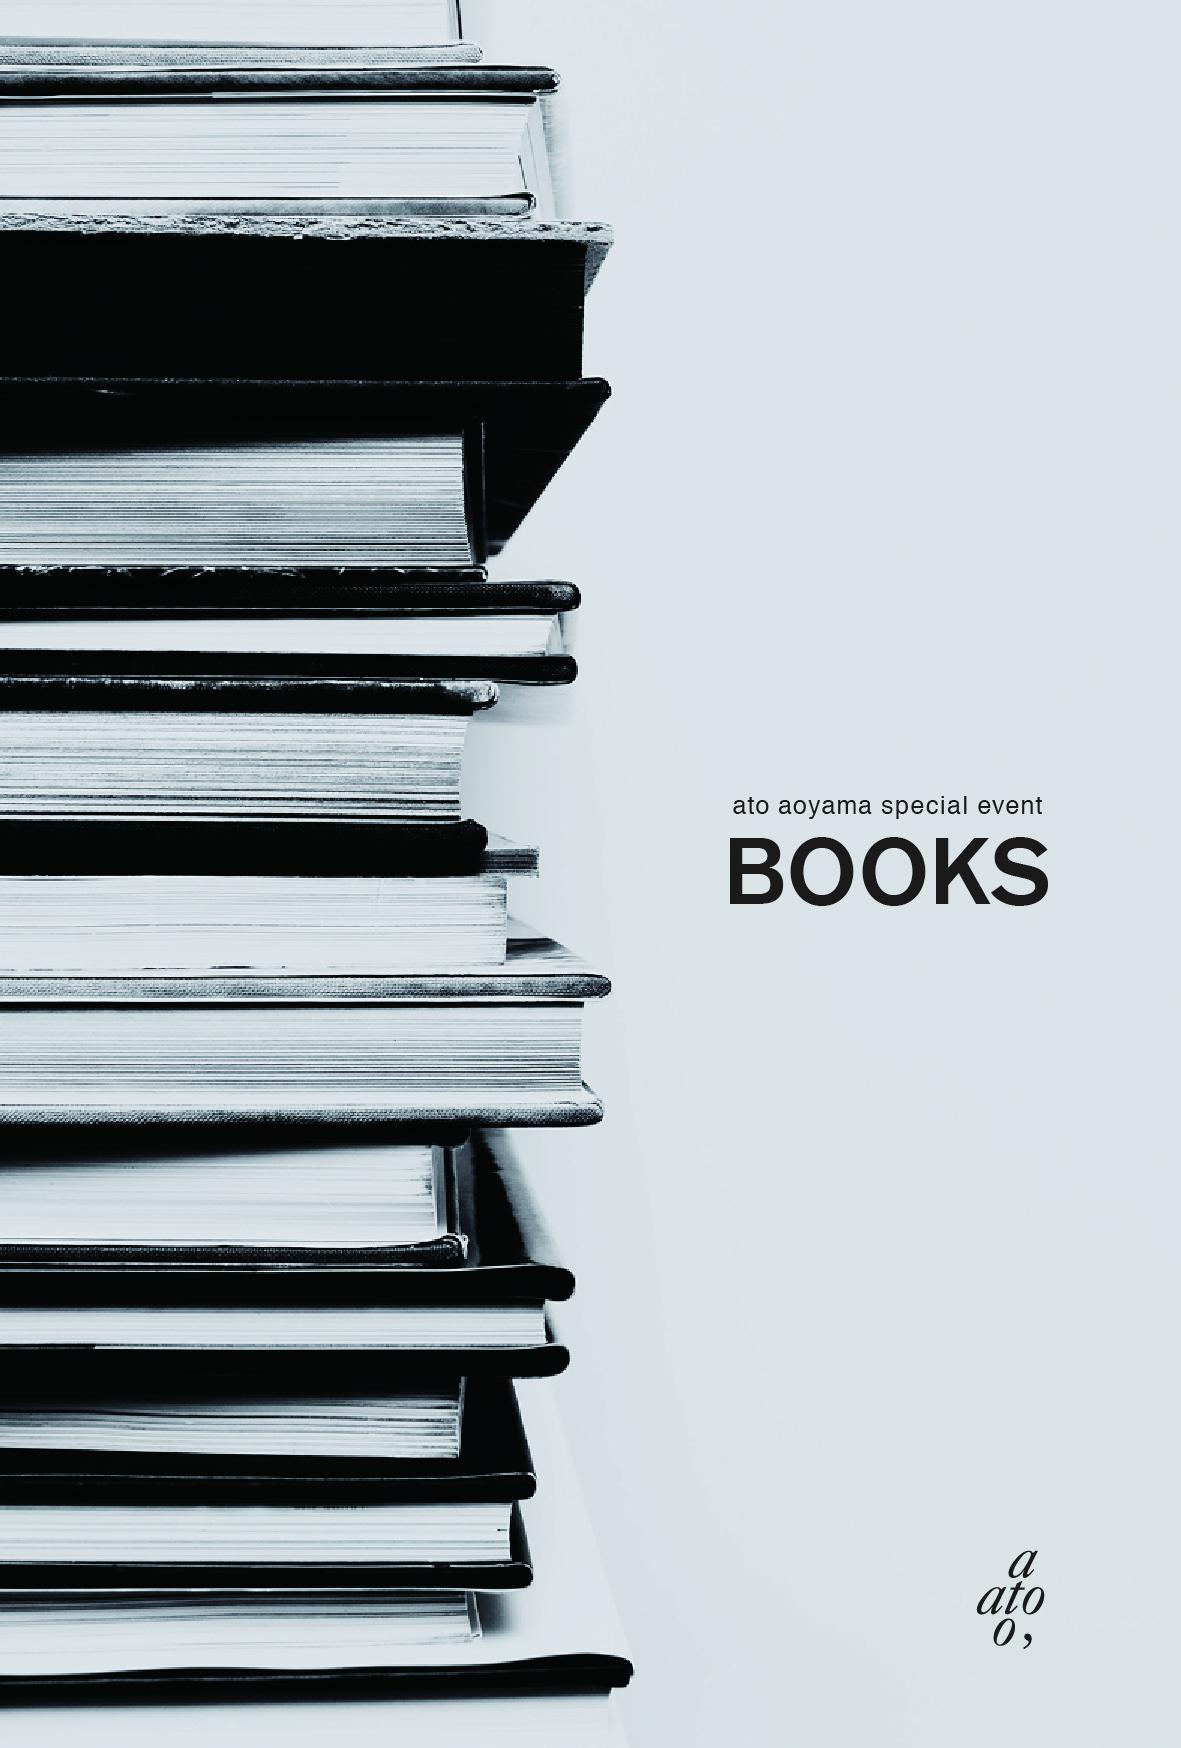 ato_book_fryer